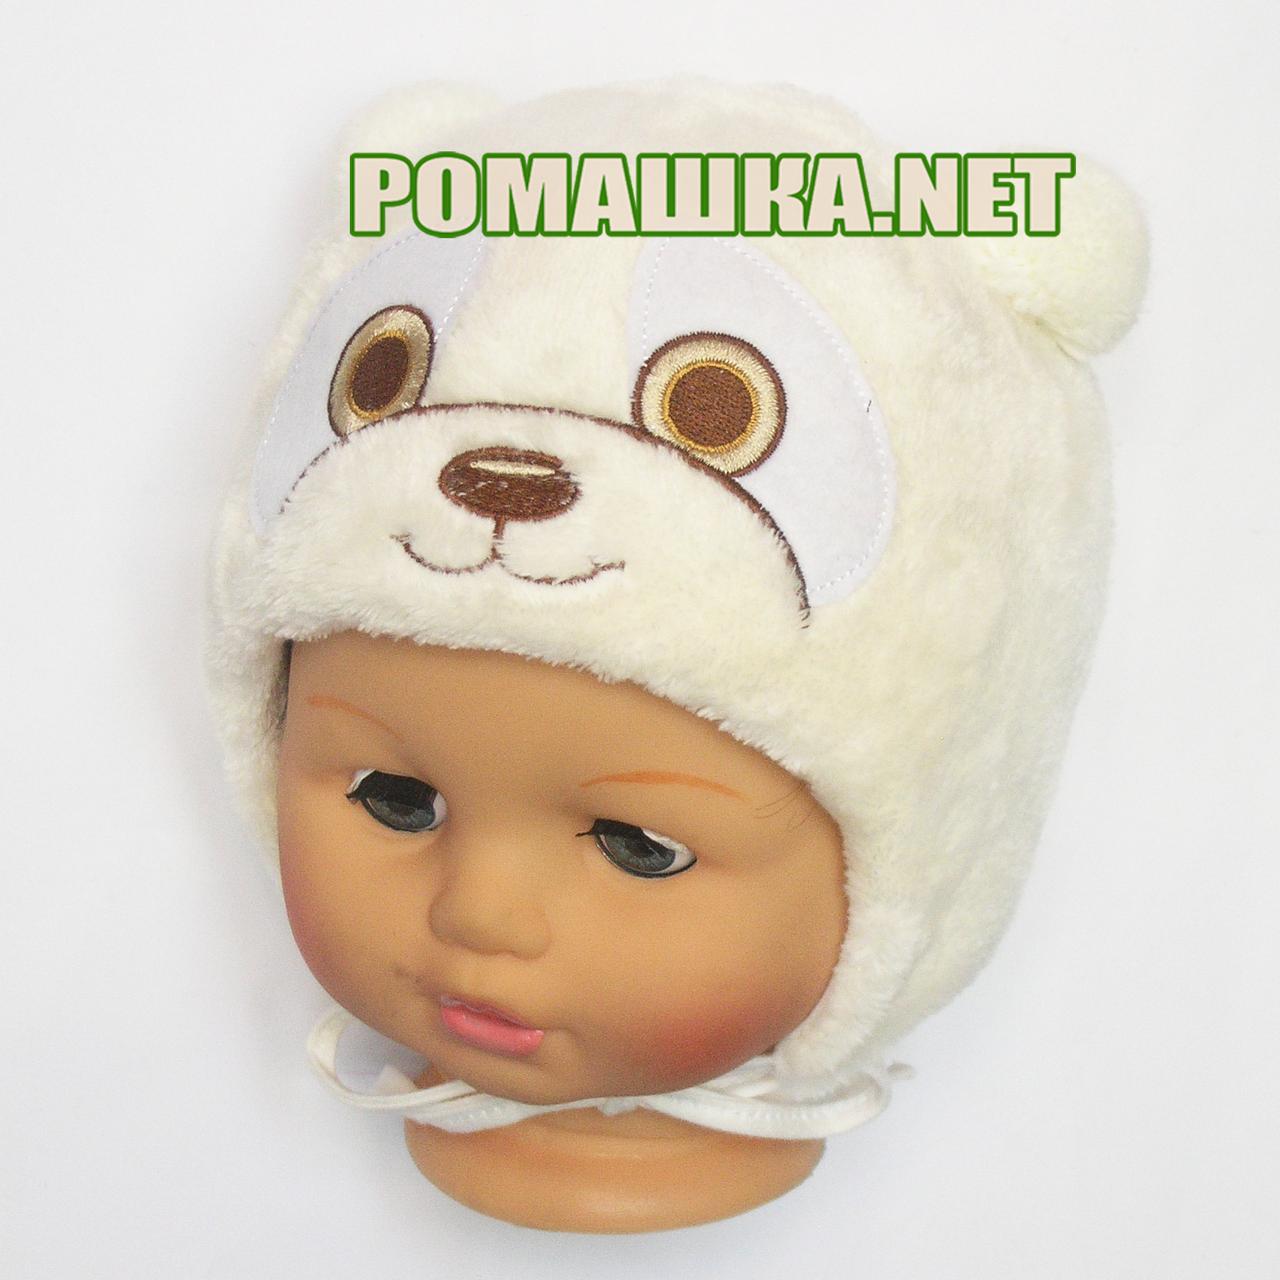 Детская зимняя термо шапочка р. 42 для новорожденного с завязками ТМ Мамина  мода 3848 Бежевый 8477367b45c59